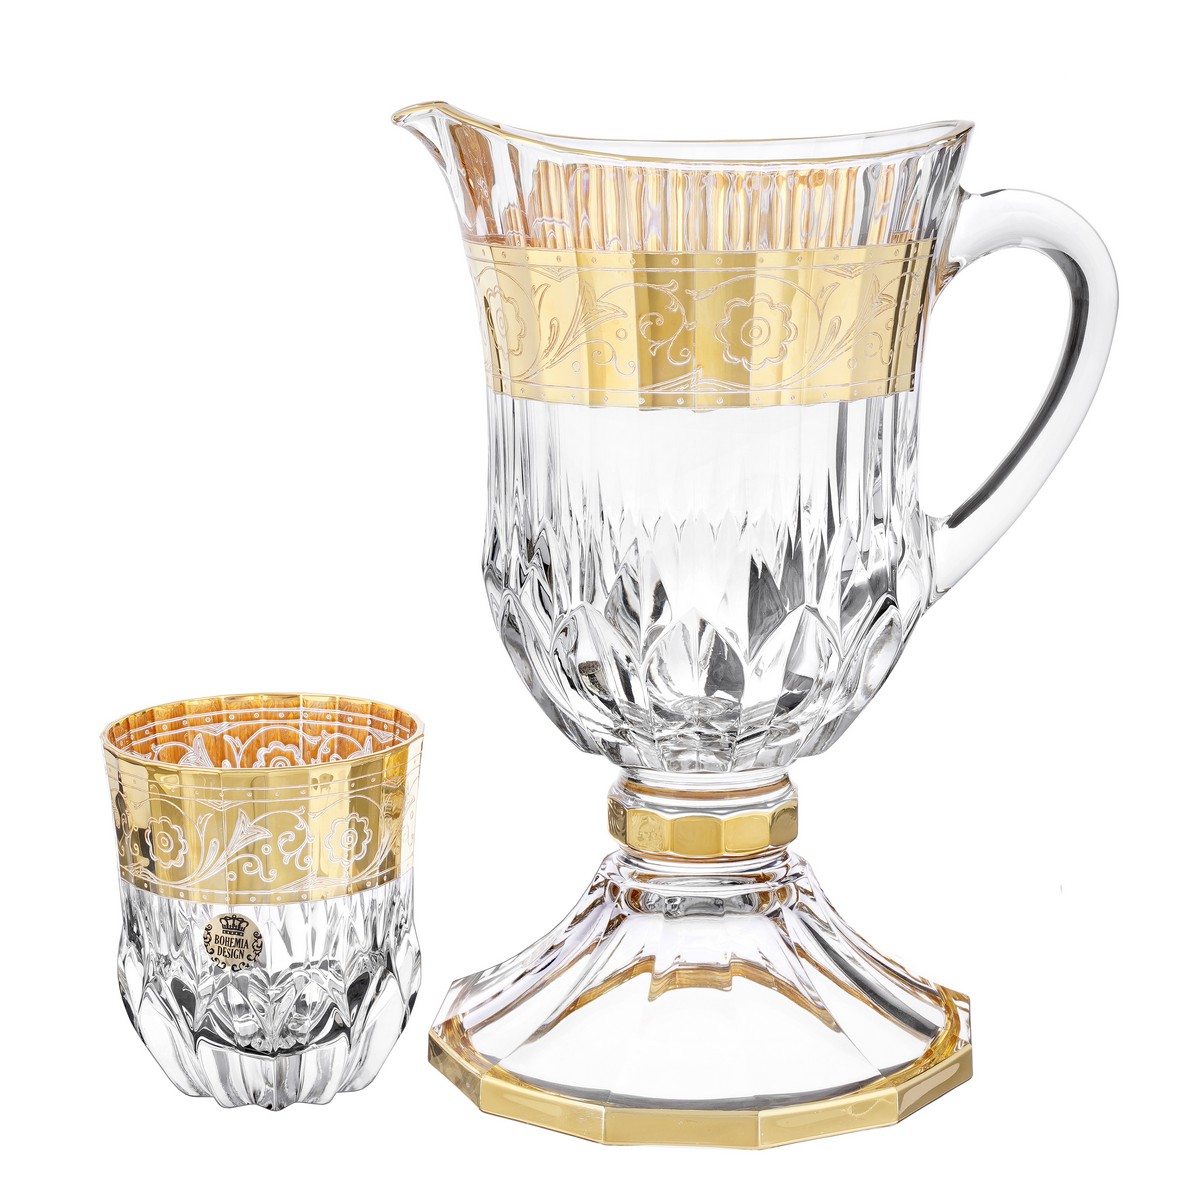 Набор для напитков КРИСТАЛАЙТ на 6 персон от Bohemia Design, стекло